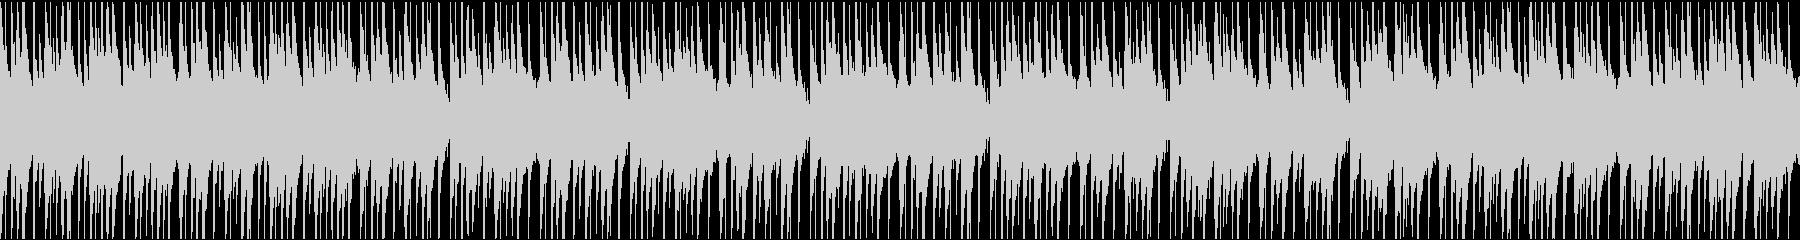 エジプト・アラビア・エスニックな曲ループの未再生の波形